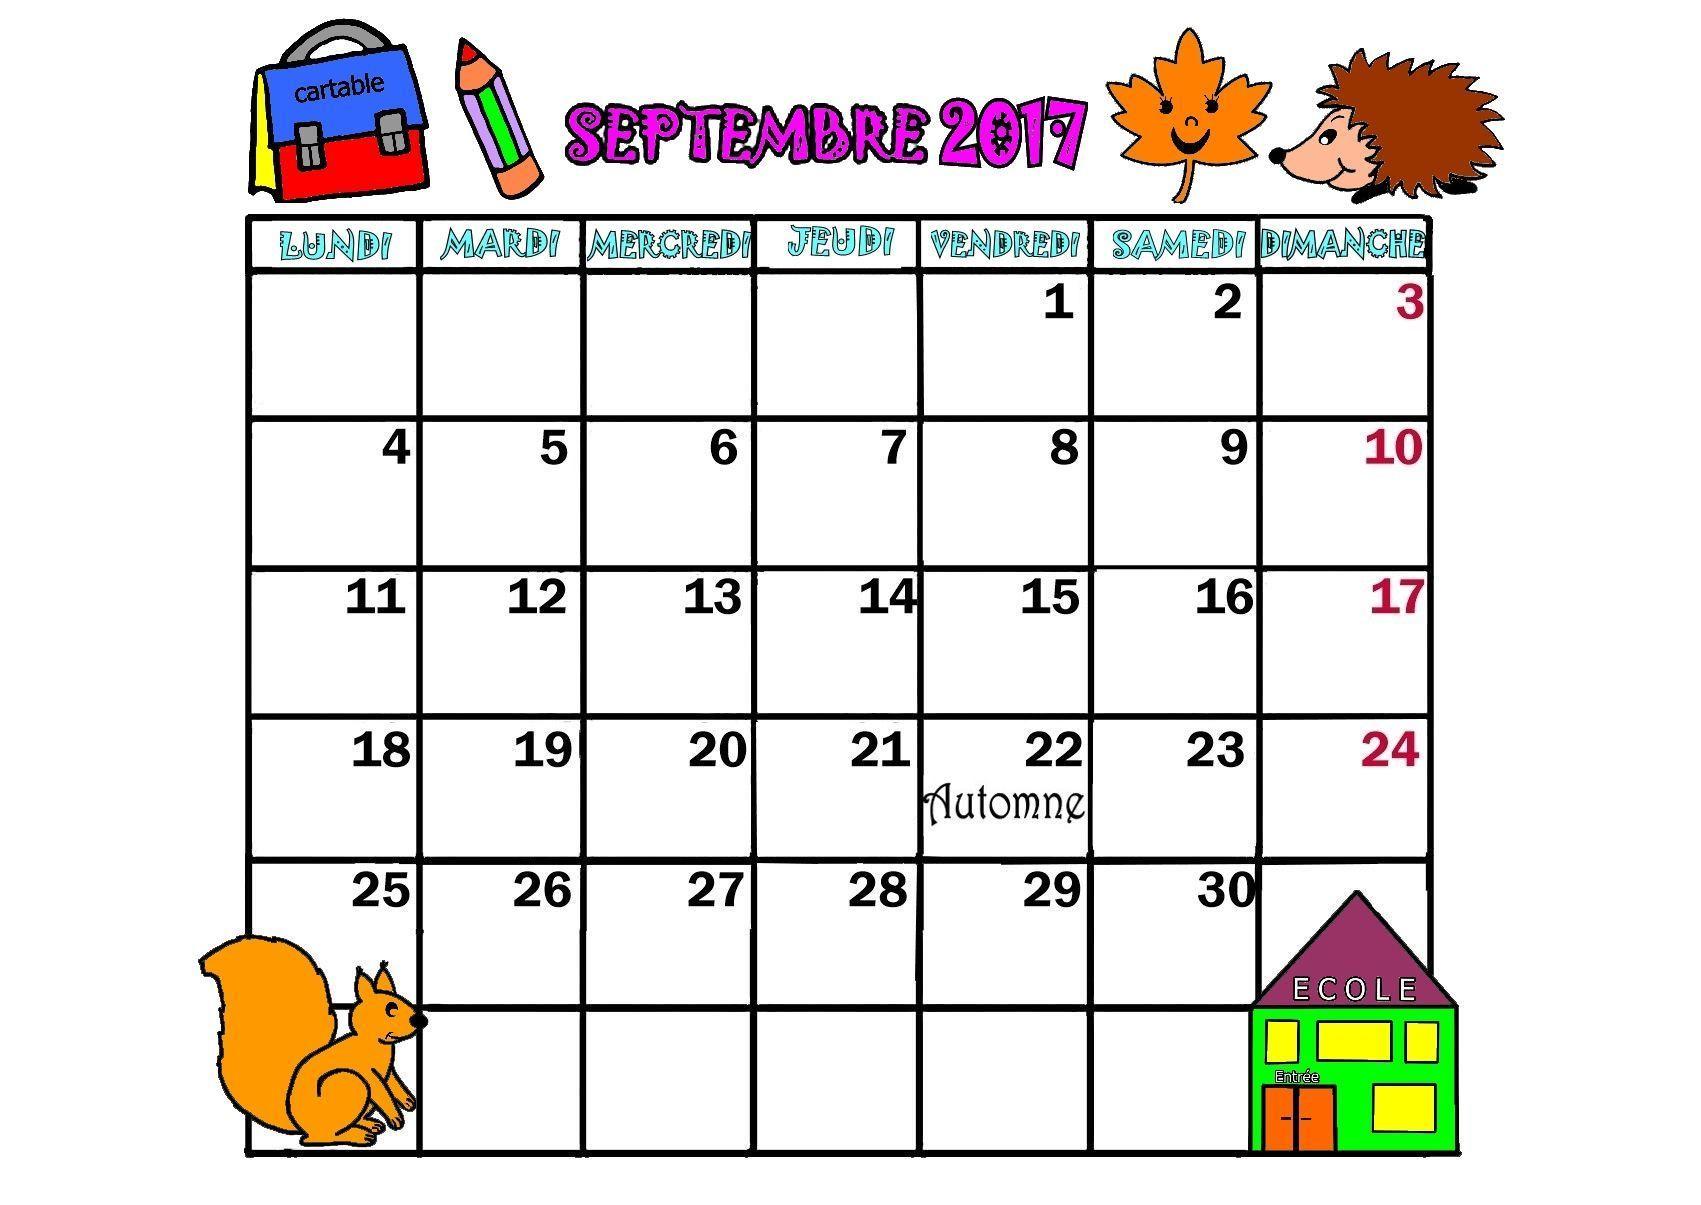 Calendrier 2017 mois septembre octobre novembre decembre - Calendrier lune septembre 2017 ...